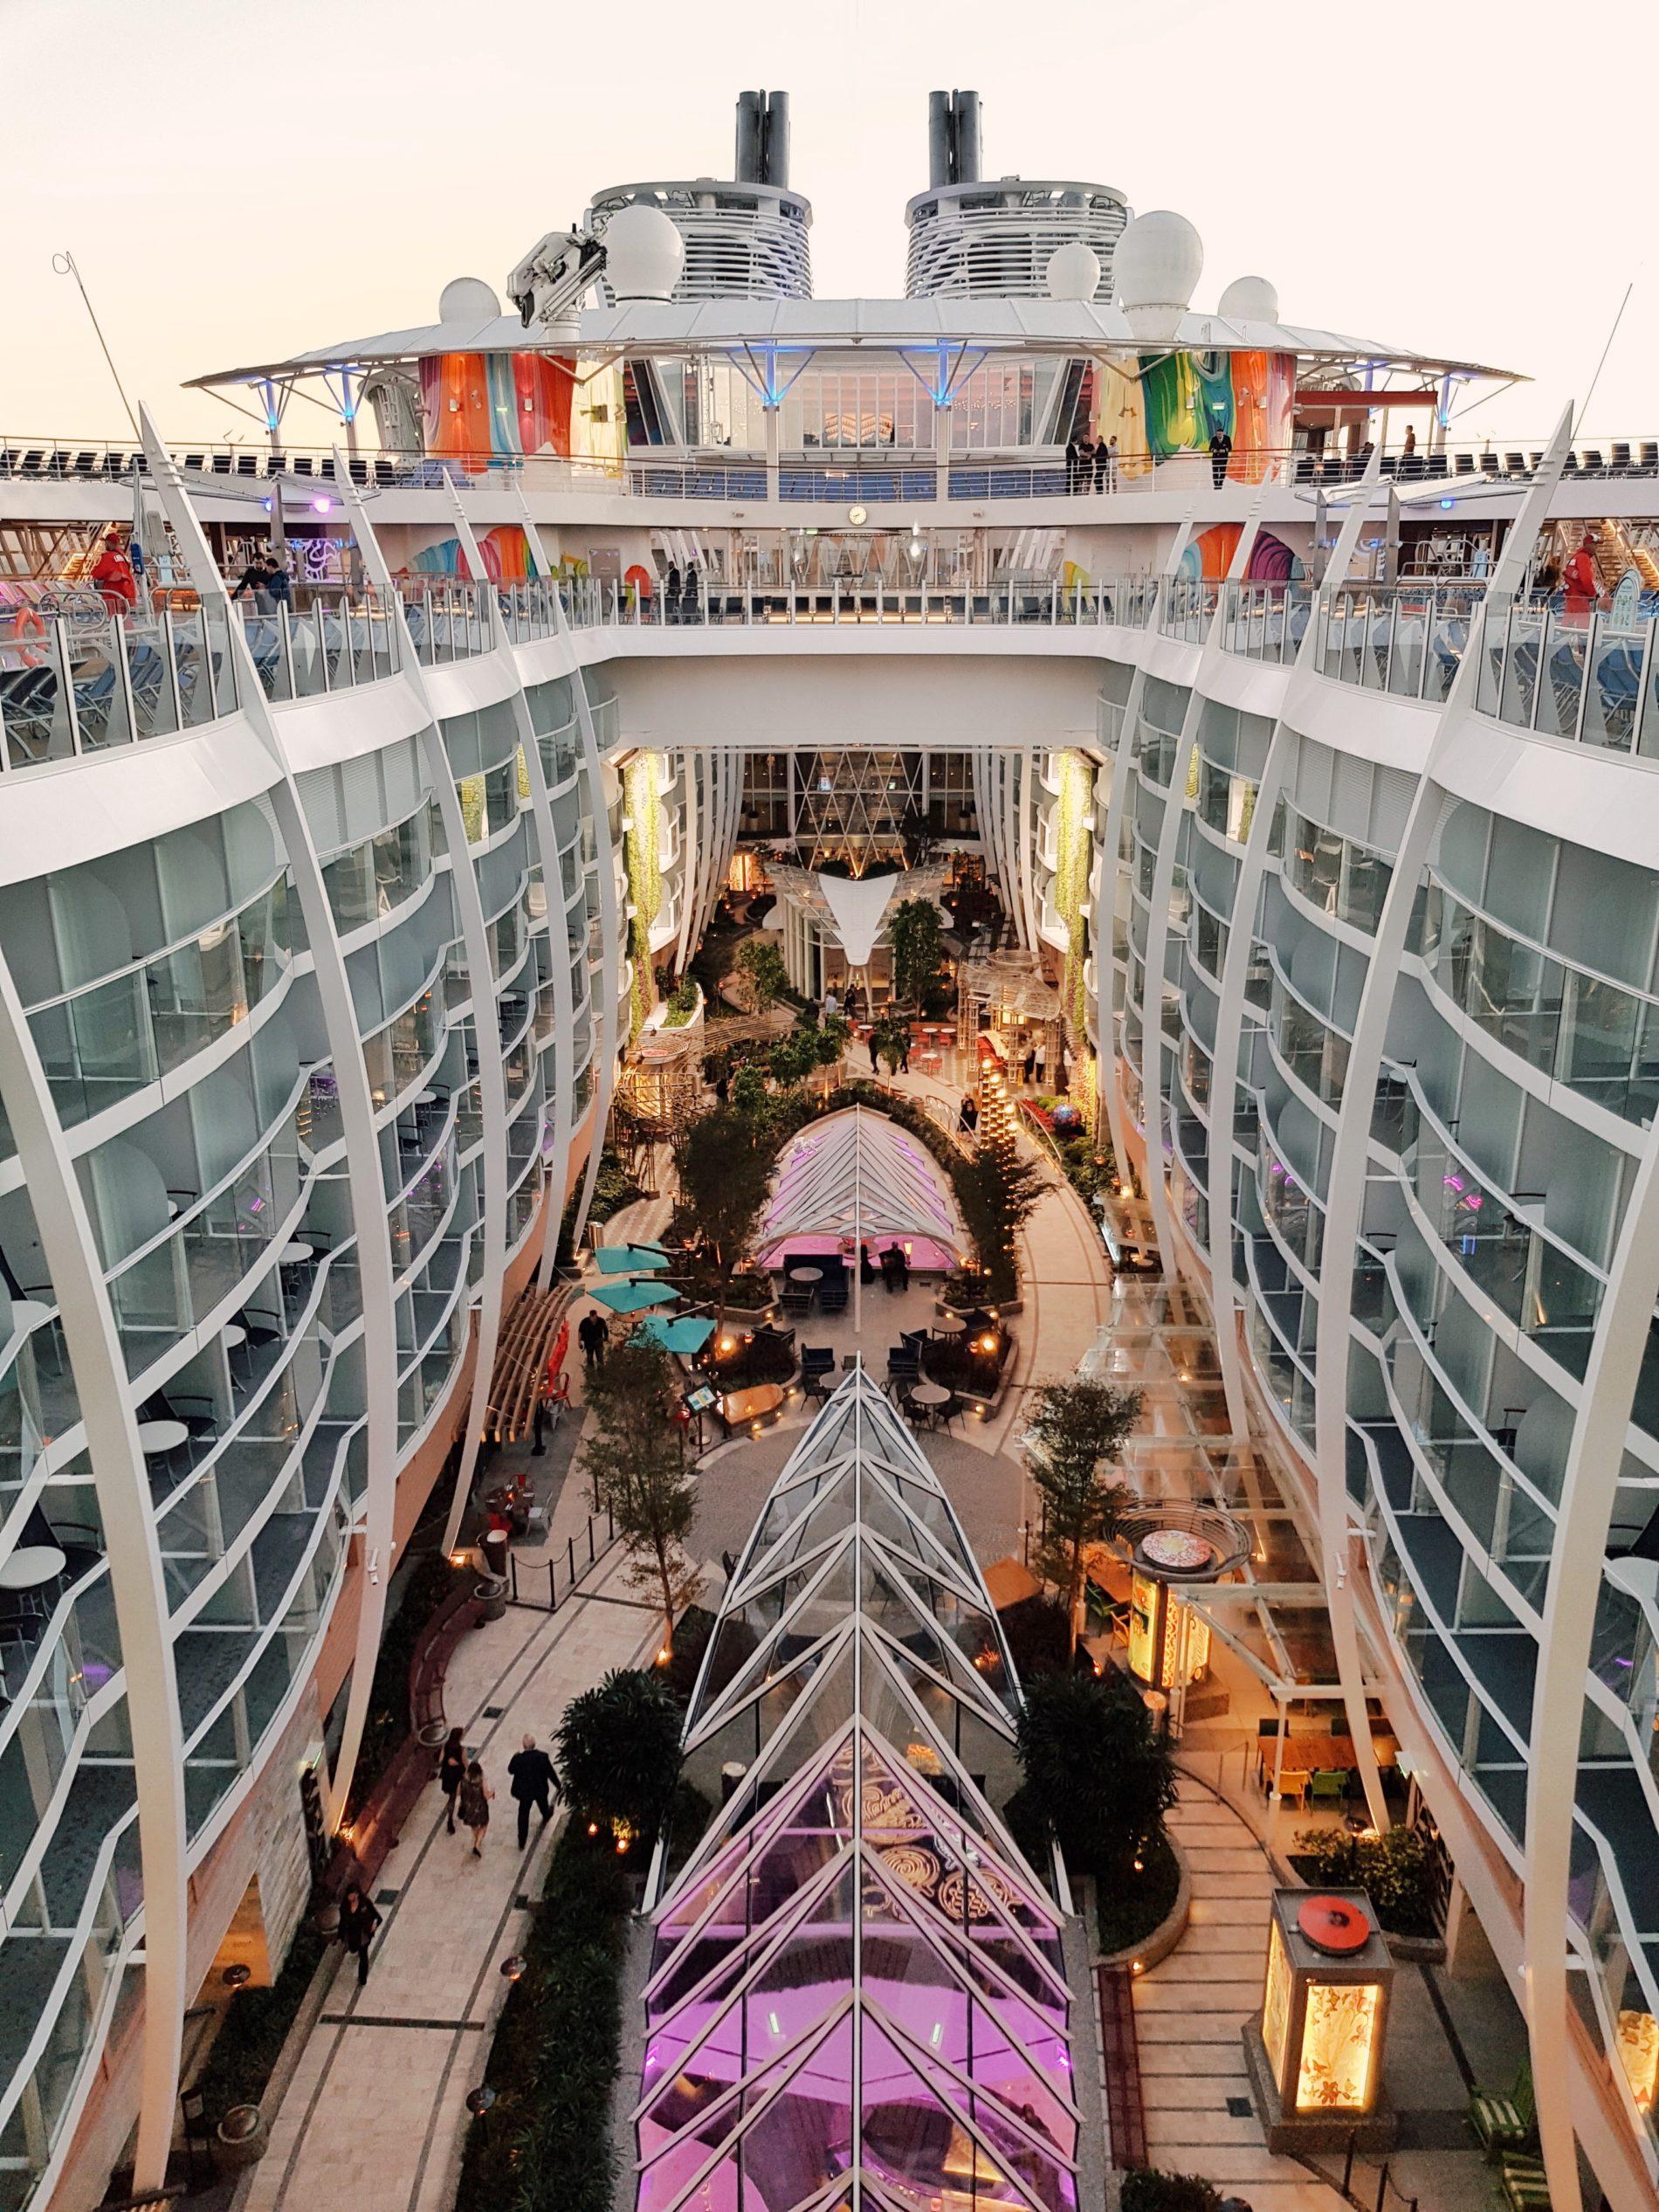 Symphony Of The Seas Meine Erfahrung Auf Dem Größten Schiff Der Welt